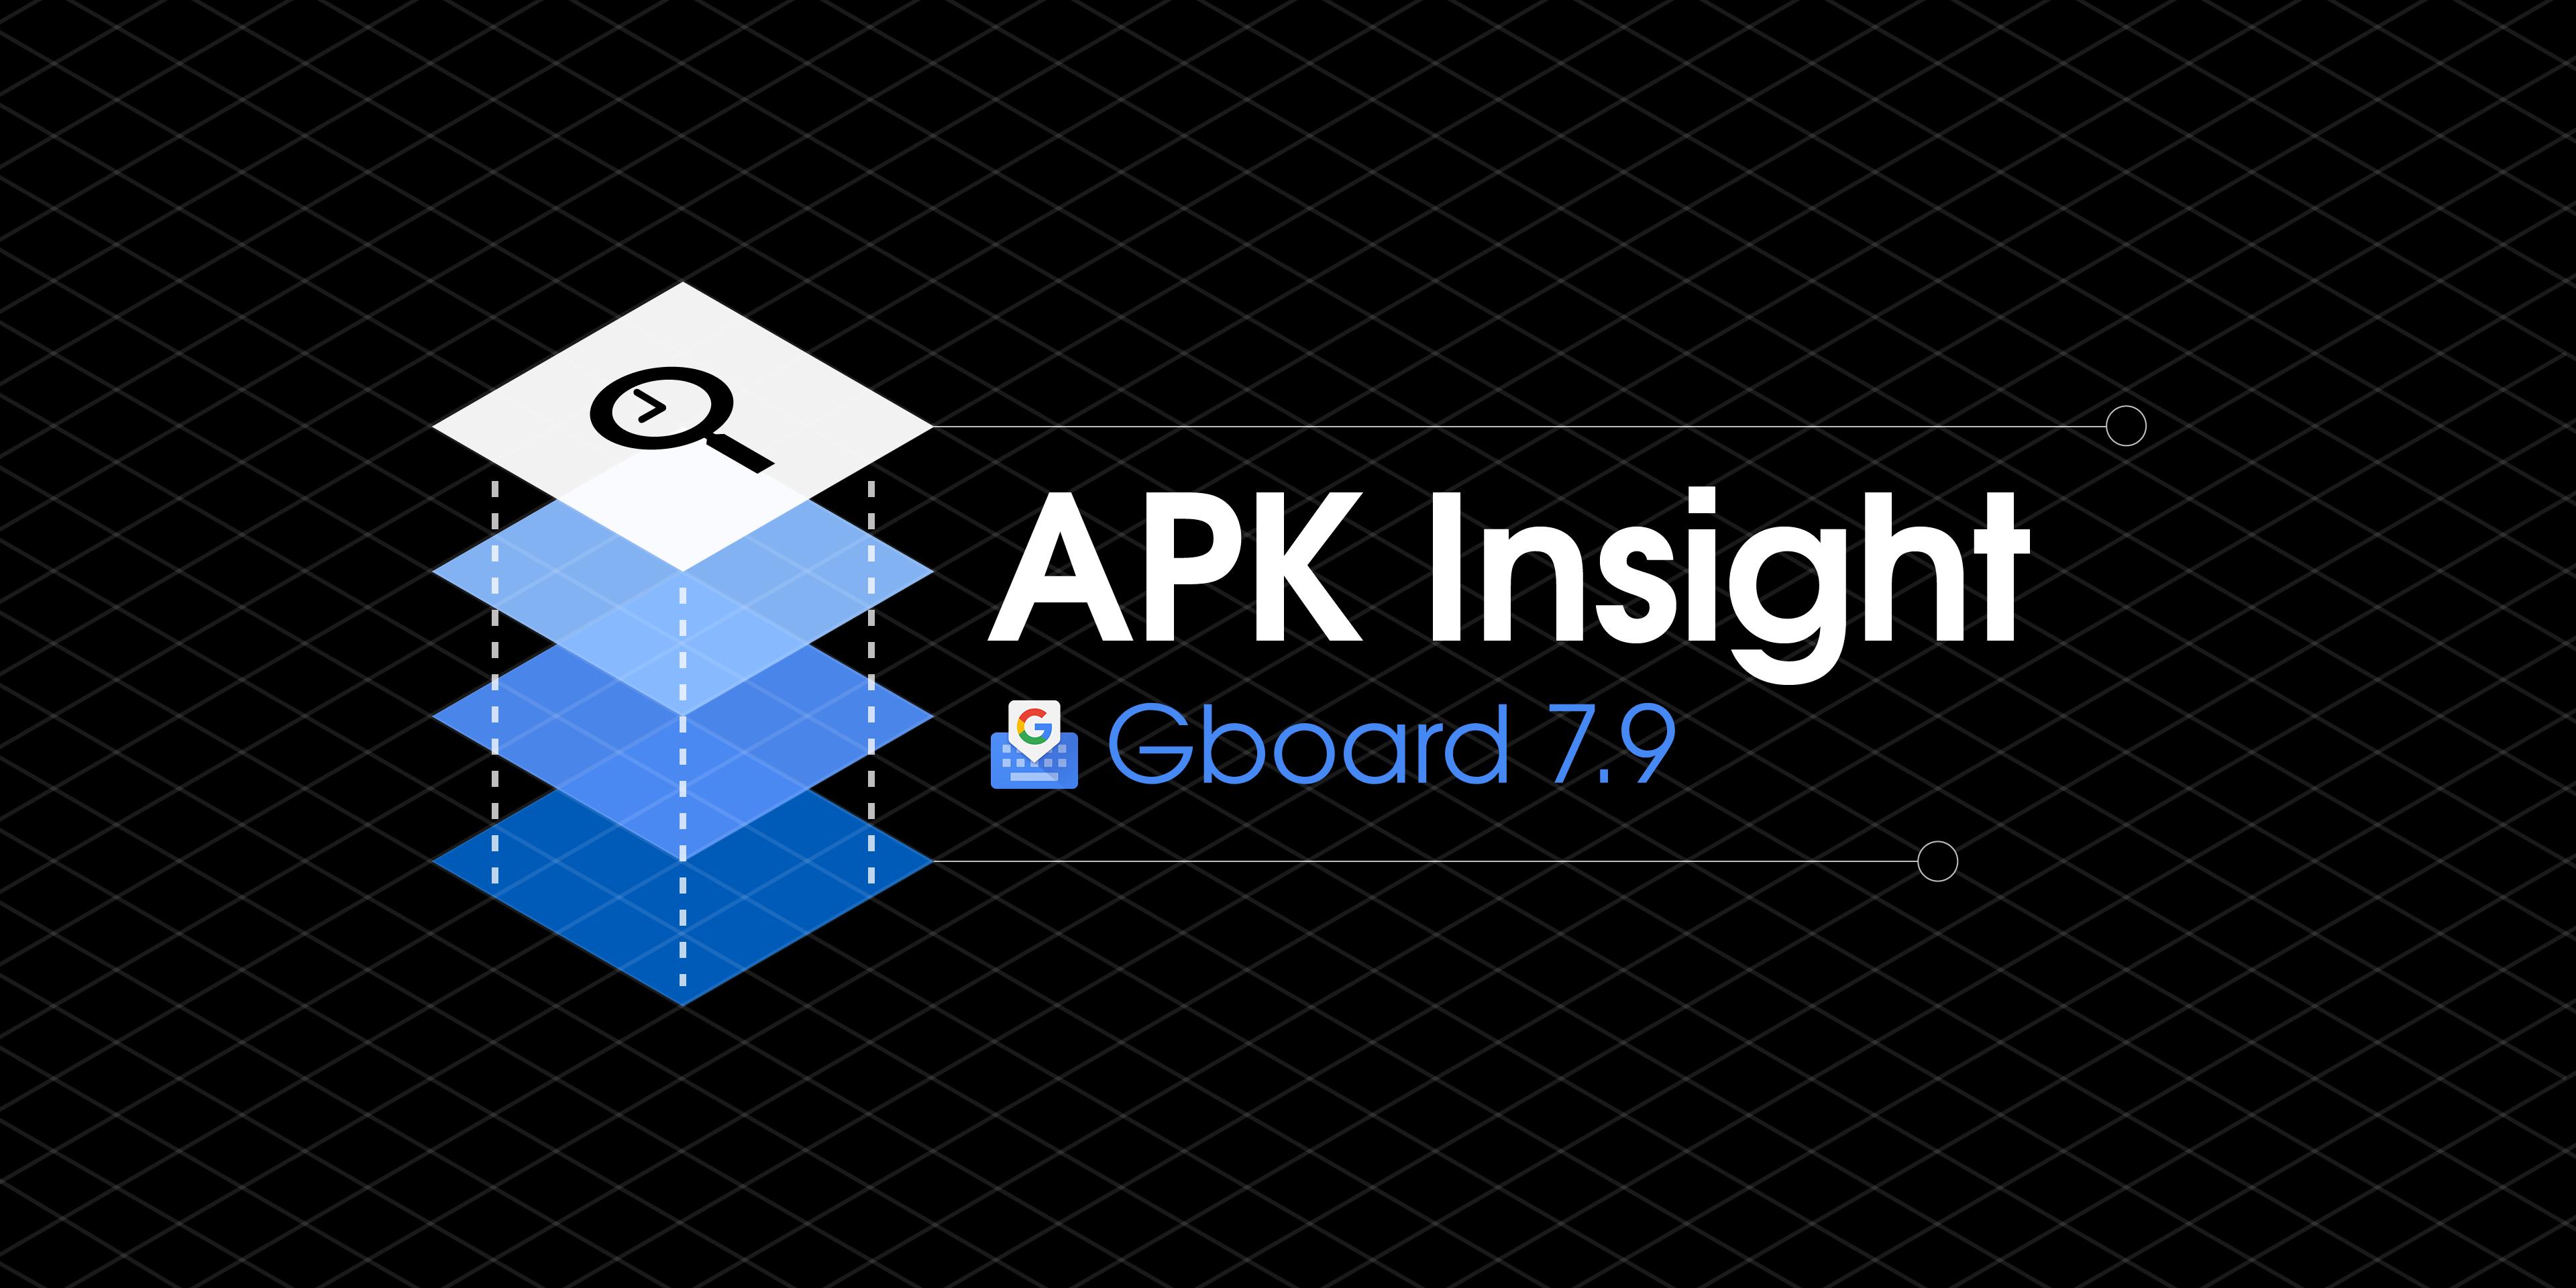 Gboard 7.9 bereitet mehr Emoticons / Kaomoji vor, schnellere Stimmeneingabe, mehr [APK Insight]